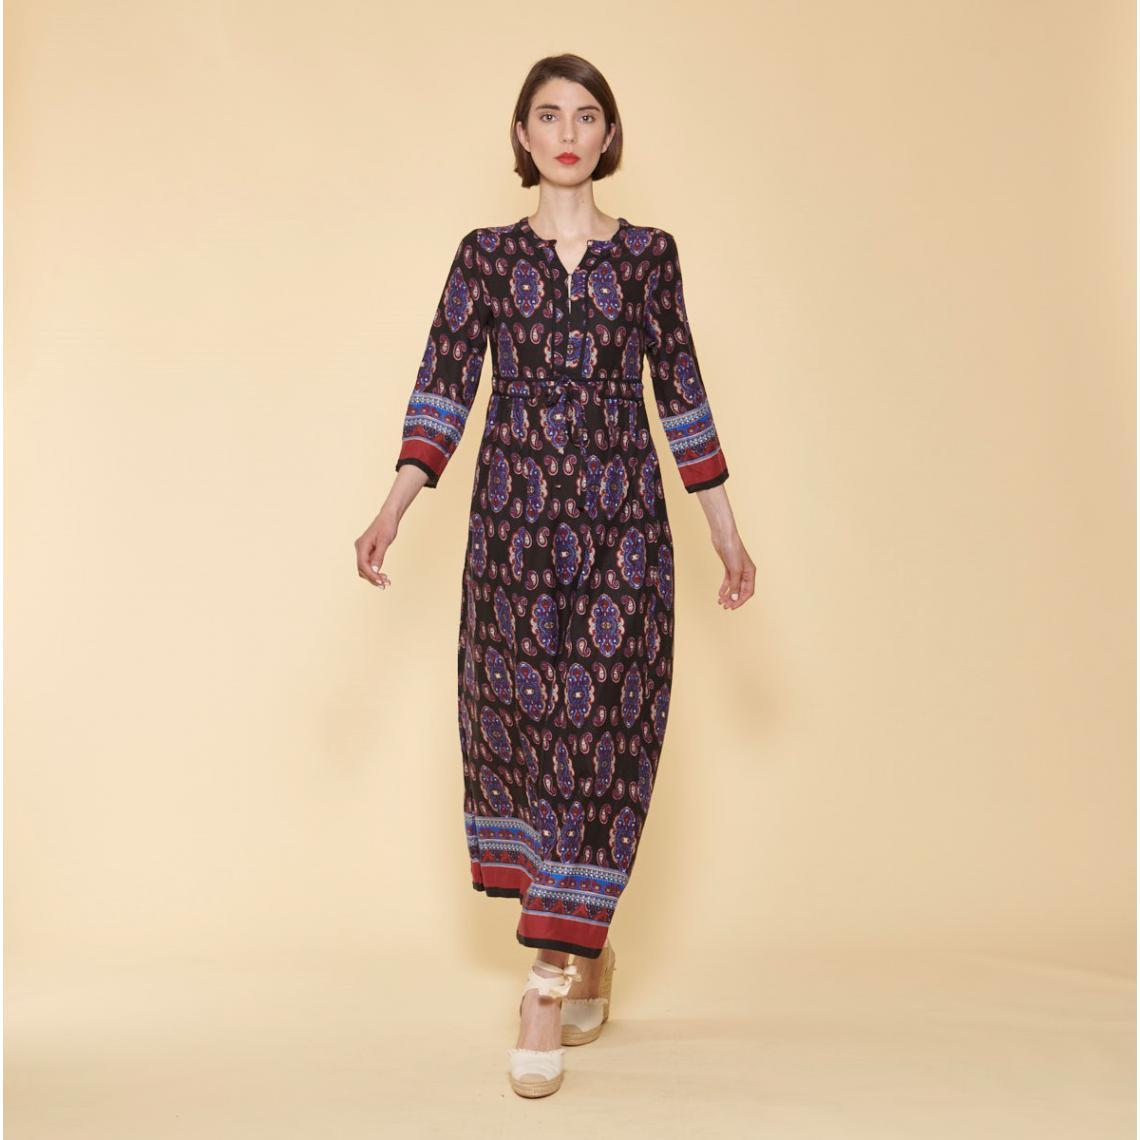 Promo : Robe longue imprimée col caftan manches 3/4 - Imprimé Bleu - 3 SUISSES - Modalova